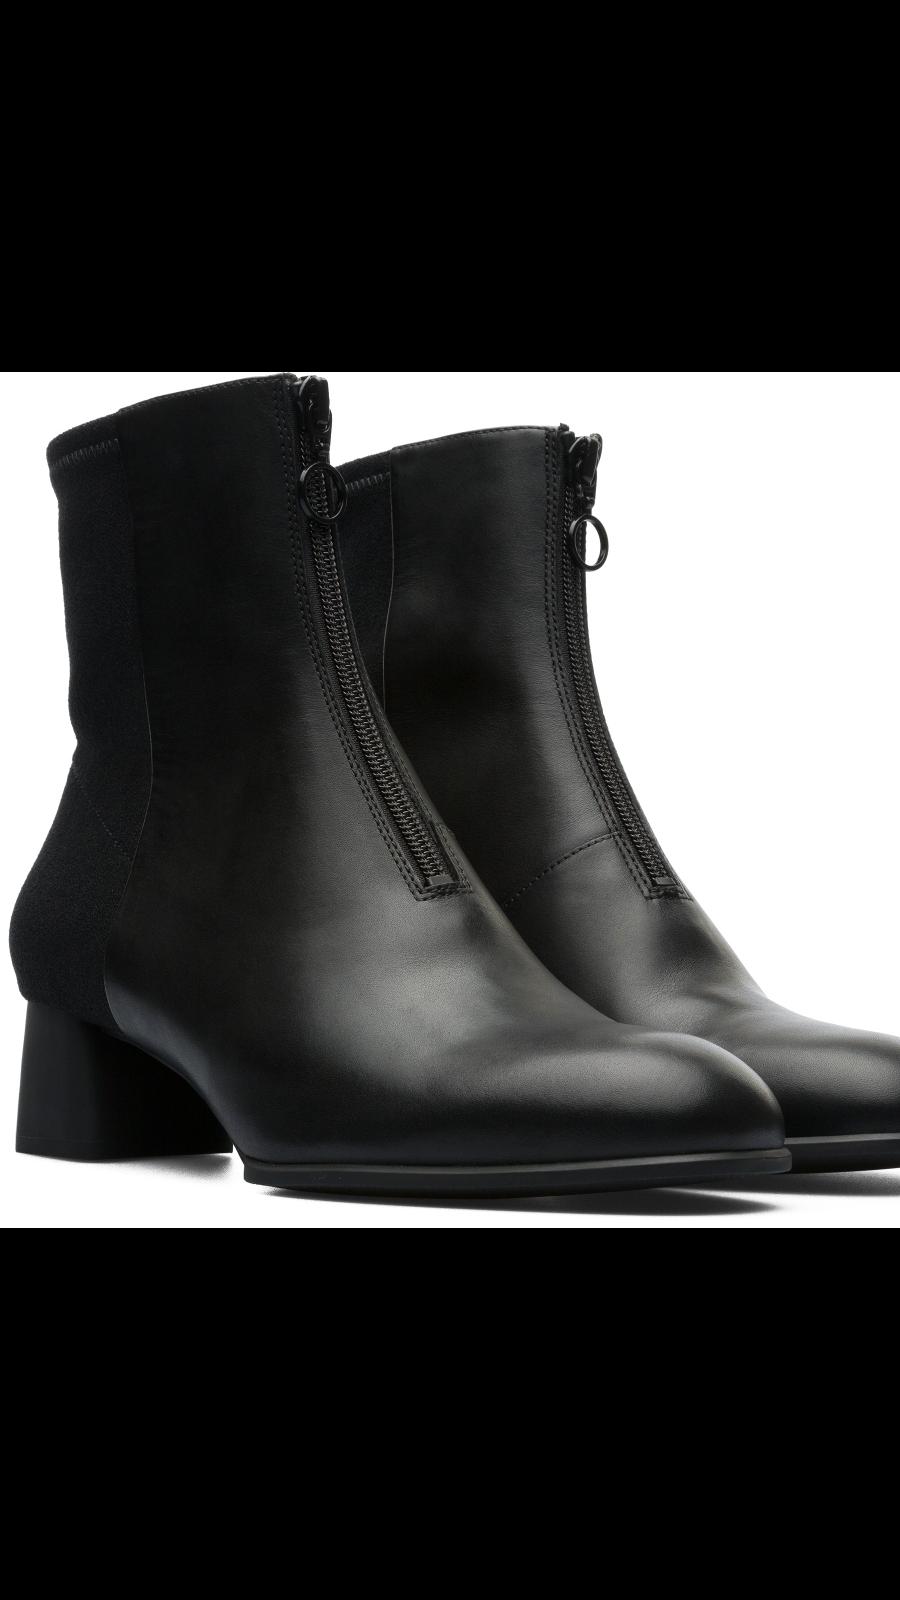 5d5e5871bba camper 155 euros modelo Katie zapatos cómodos de fiesta. Zapatos de fiesta  cómodos que no